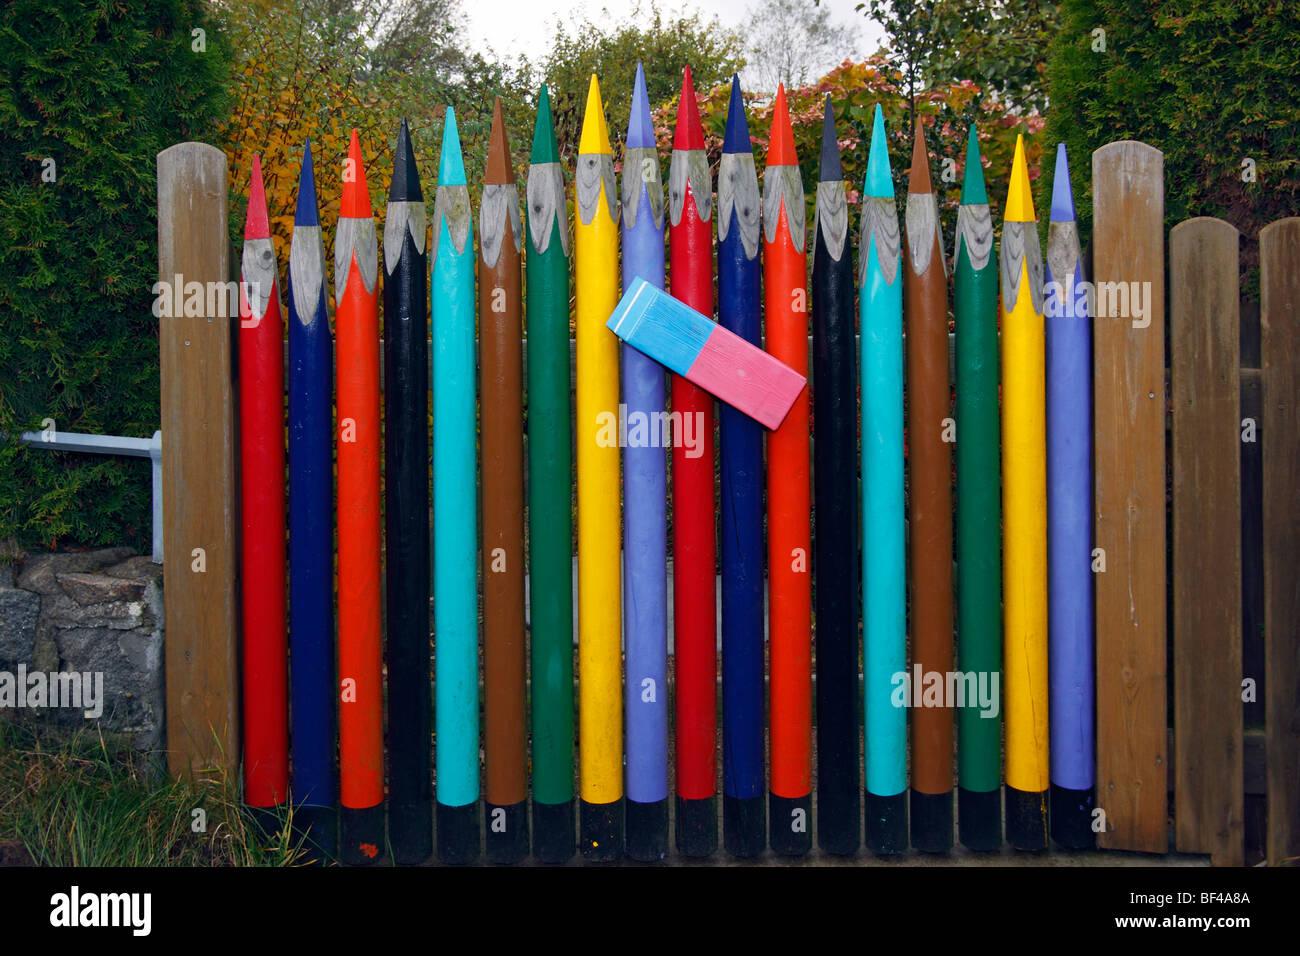 Erfinderische Holzzaun mit Tor von Buntstiften und ein Ra rgummi